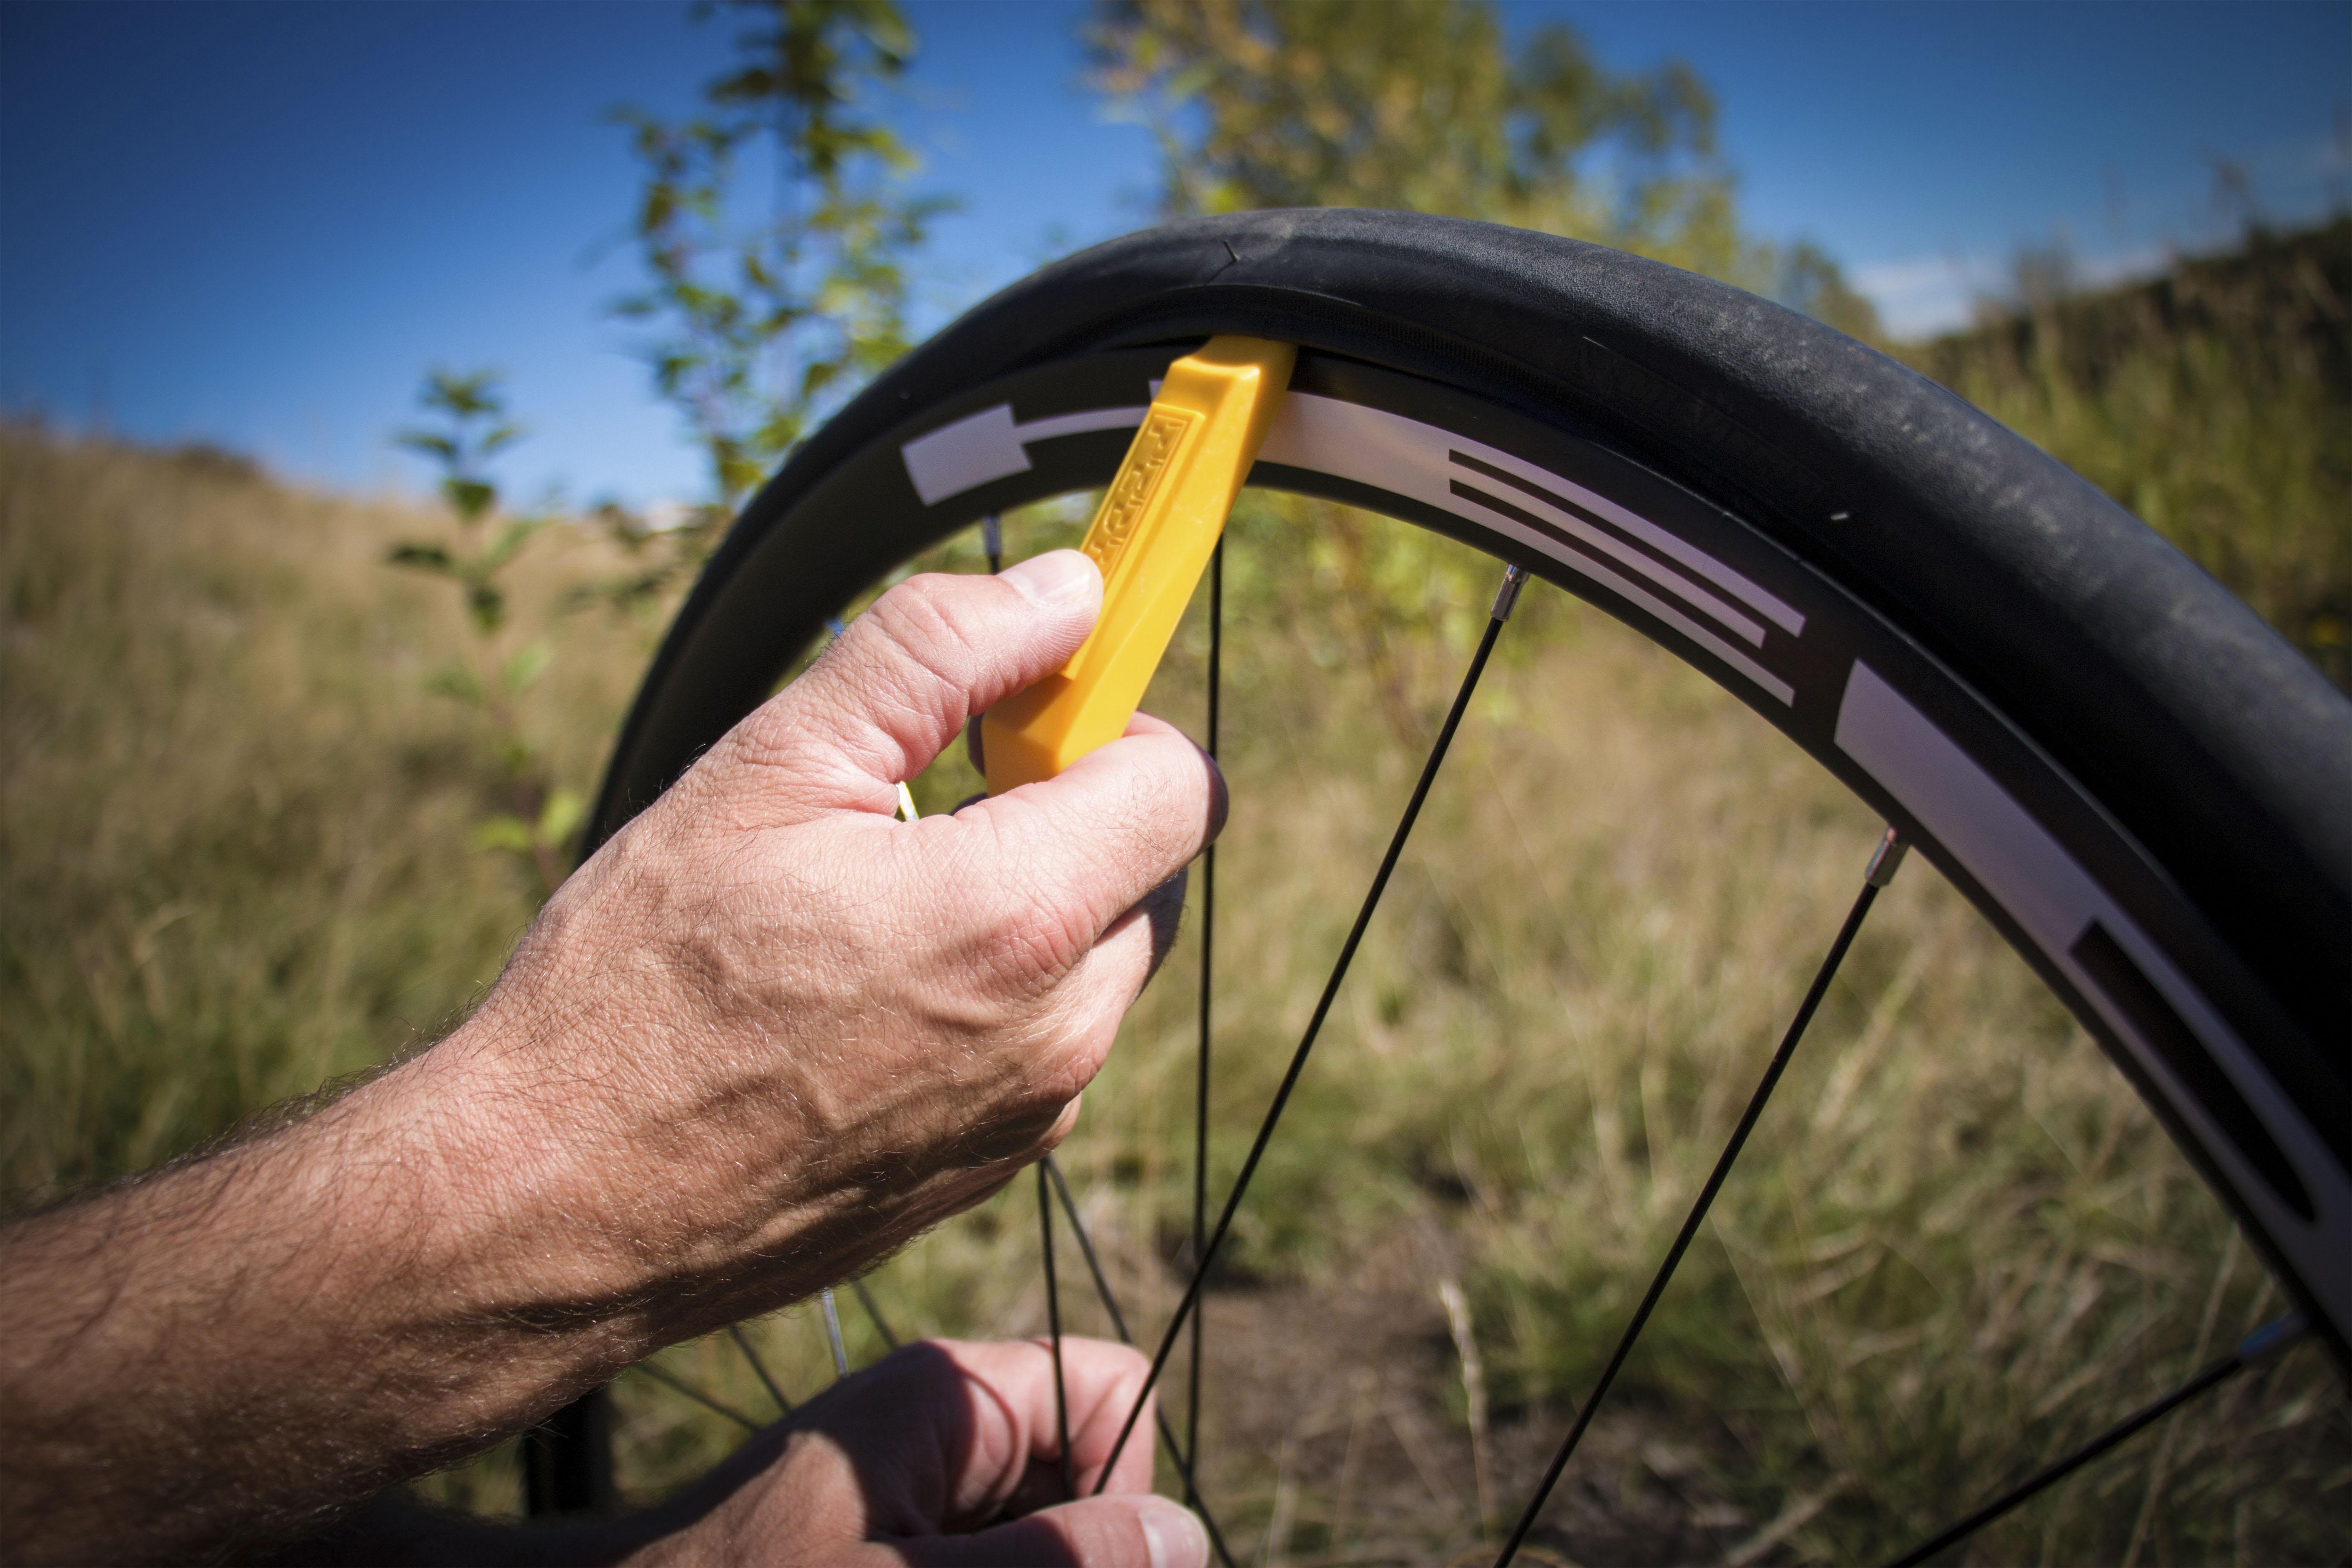 start opposite the tire valve